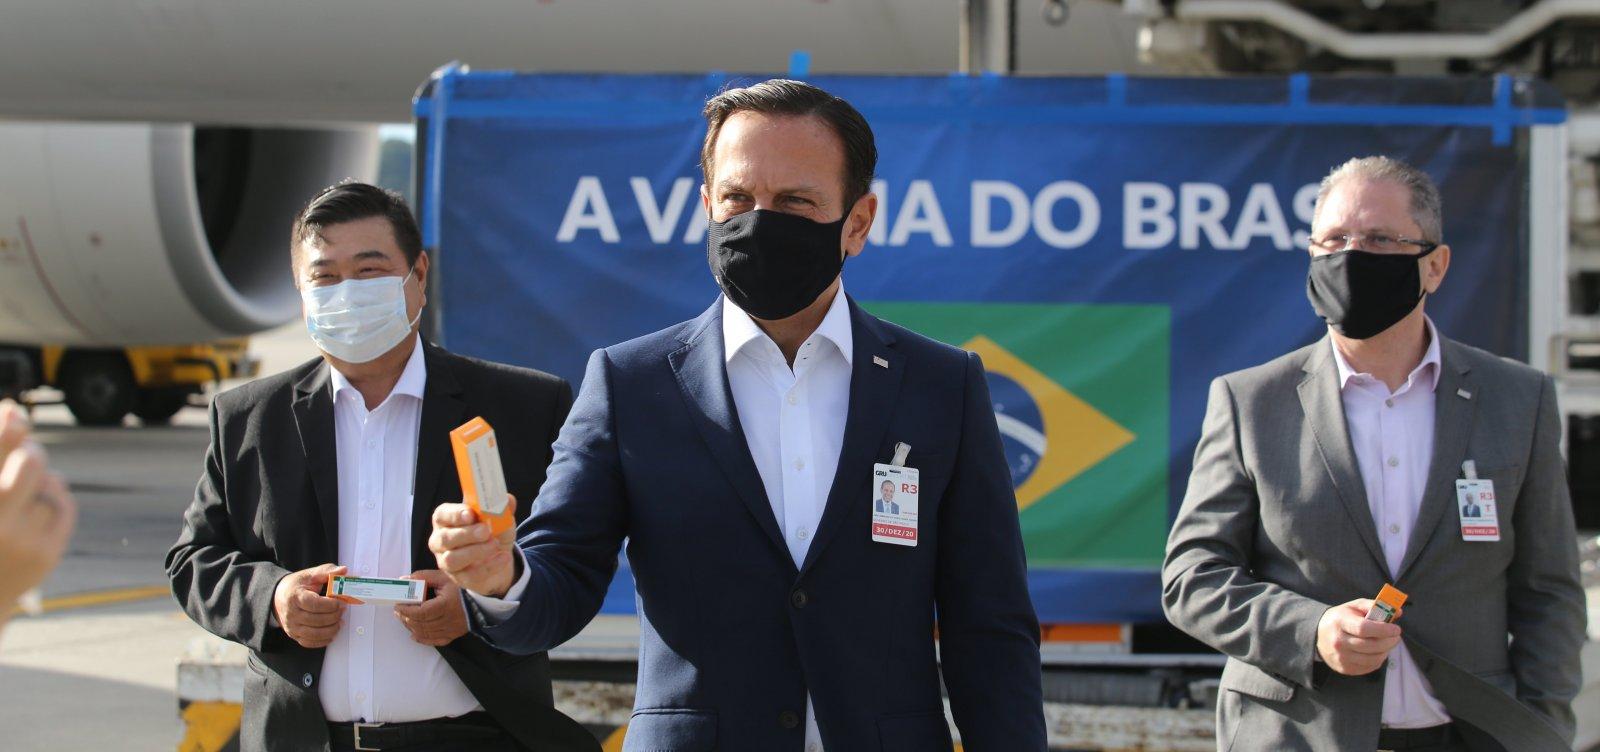 Se Coronavac for aprovada pela Anvisa, Doria deve abrir vacinação em SP ainda neste domingo